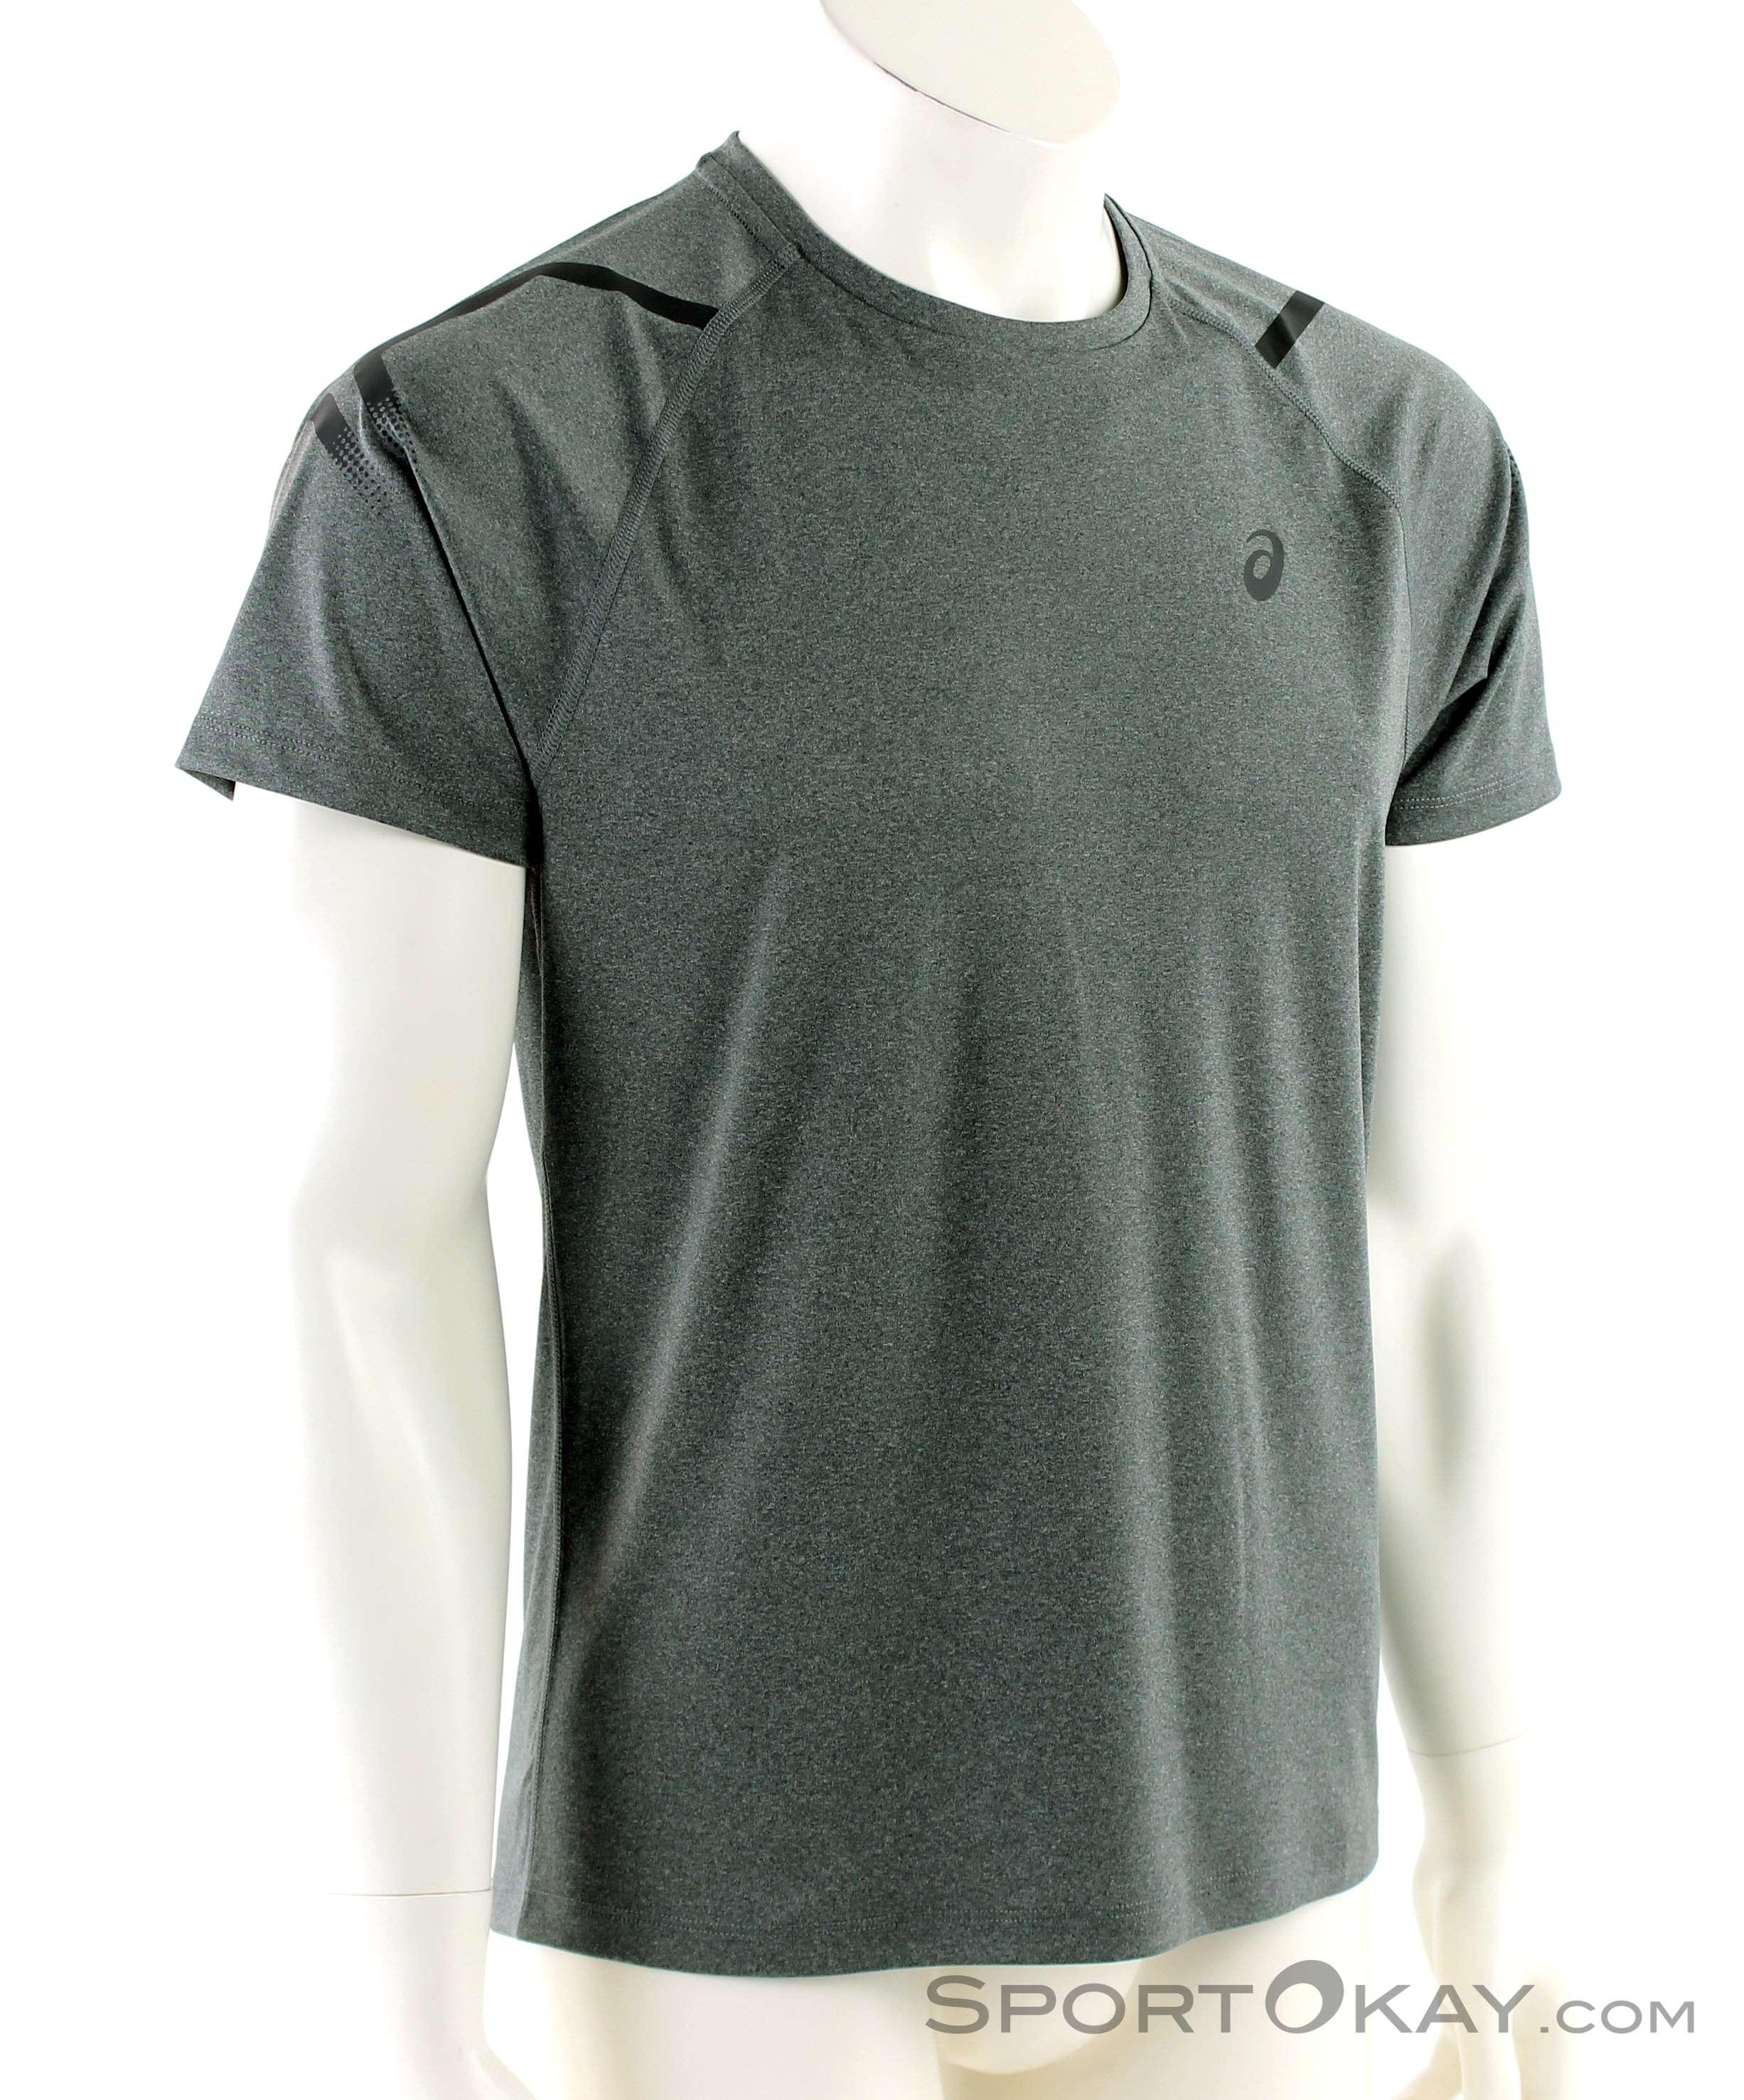 bd527290b Asics Icon SS Top Mens T-Shirt - Shirts & T-Shirts - Fitness ...